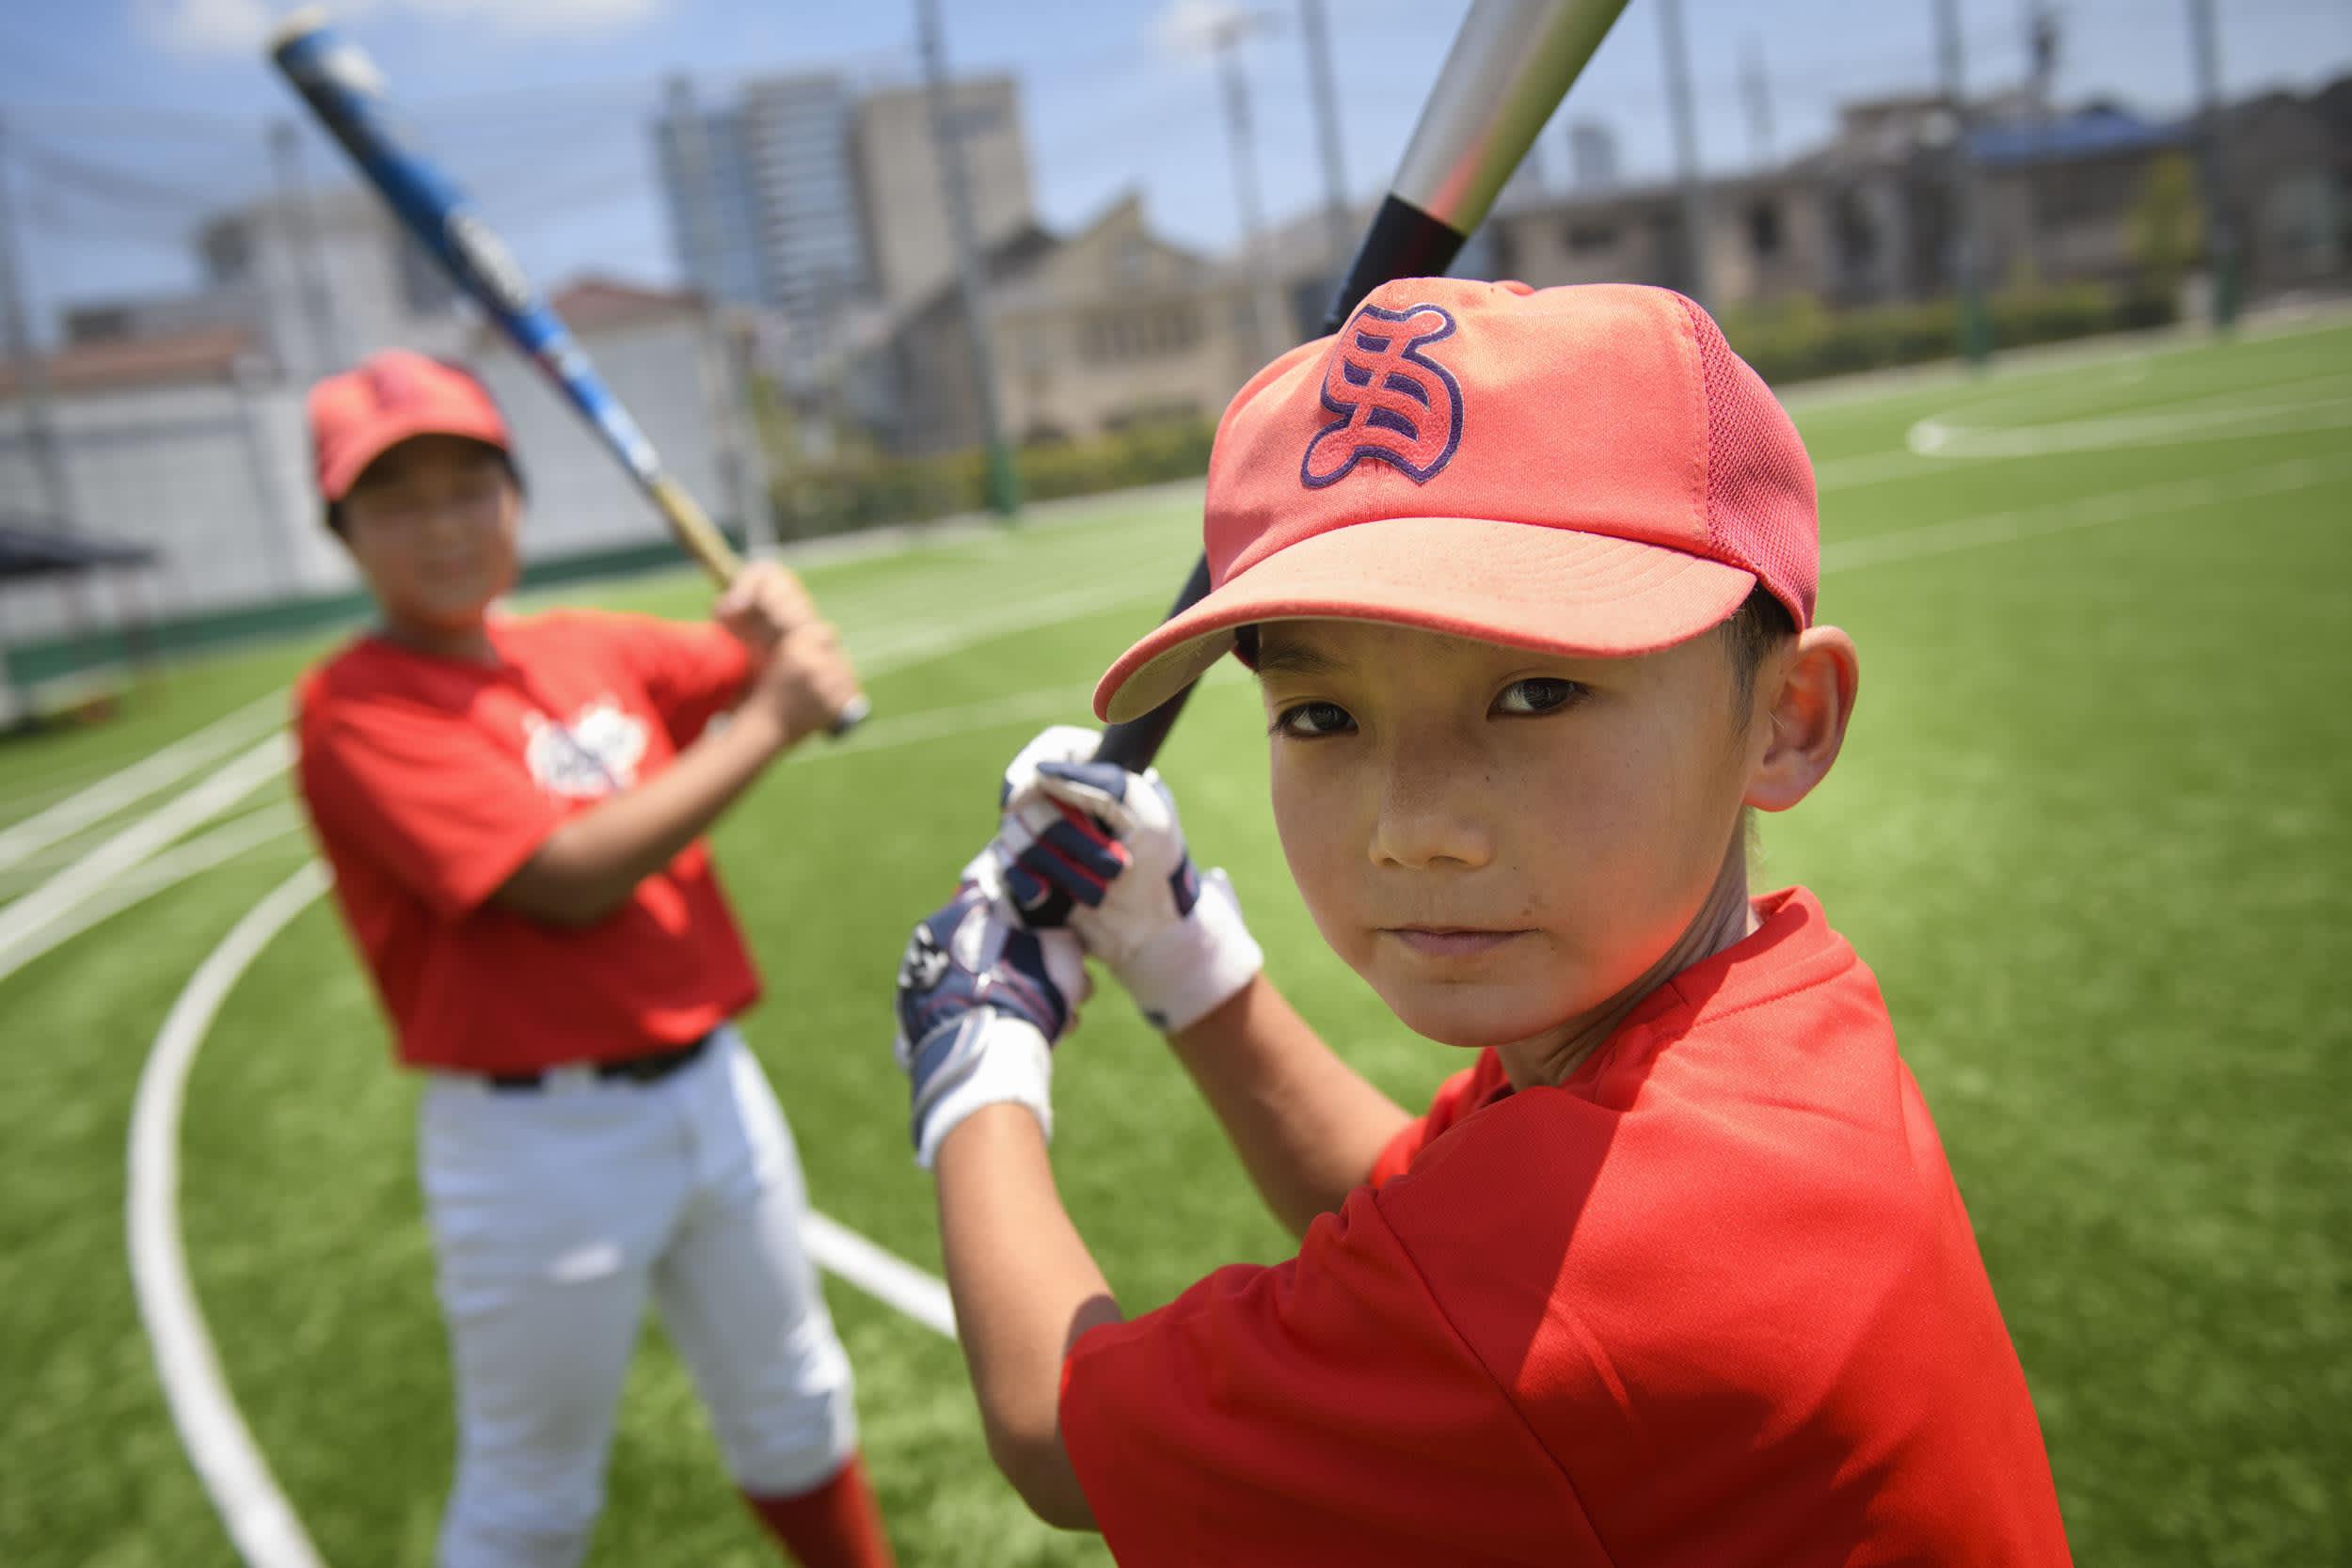 Baseball on Japanin suosituin laji. Sugijyu Fightersin pelaajat sanovat, että toveruus on tärkeää.